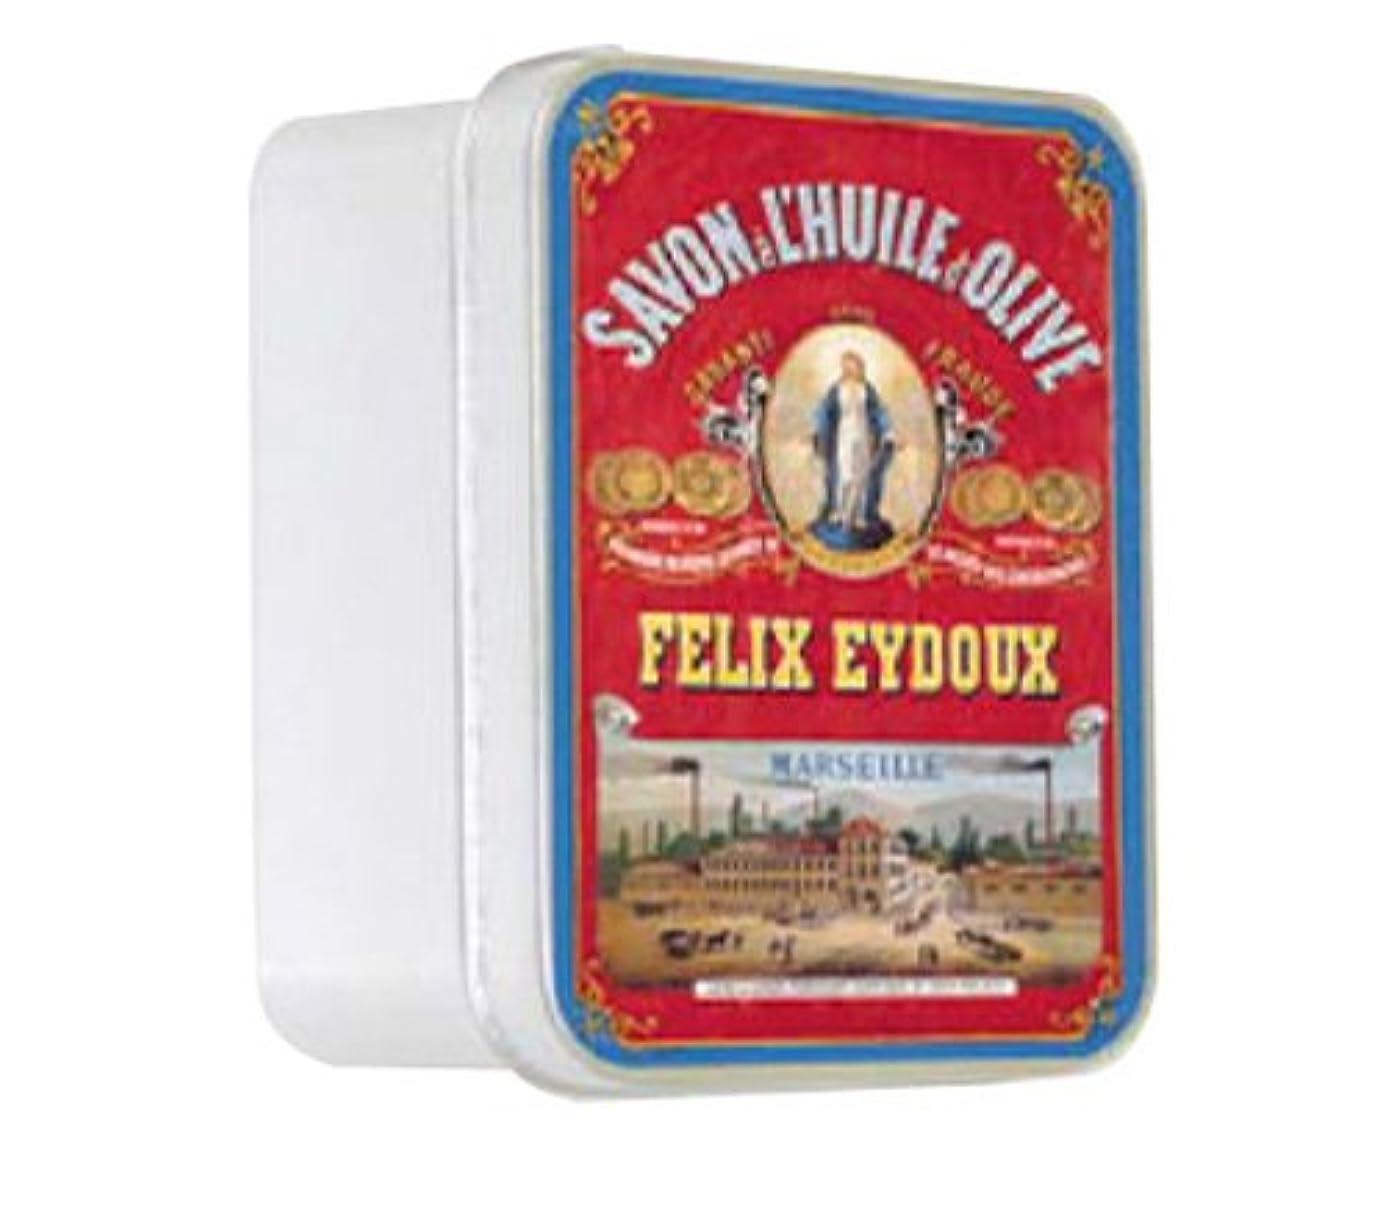 絞る干渉するタイルルブランソープ メタルボックス(マルセイユソープ?オリーブの香り)石鹸